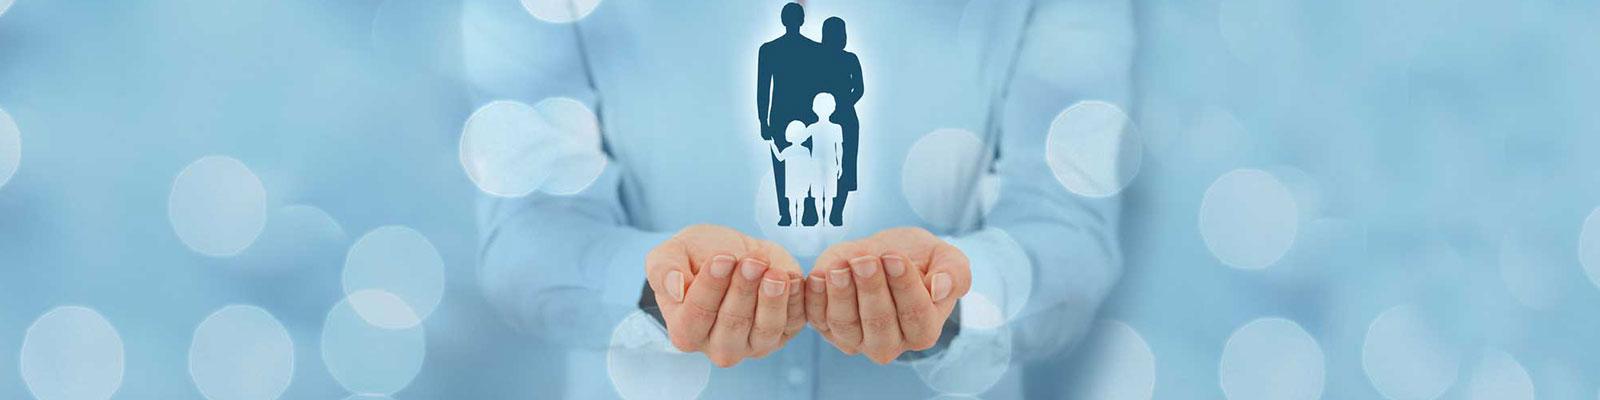 familienhilfe2